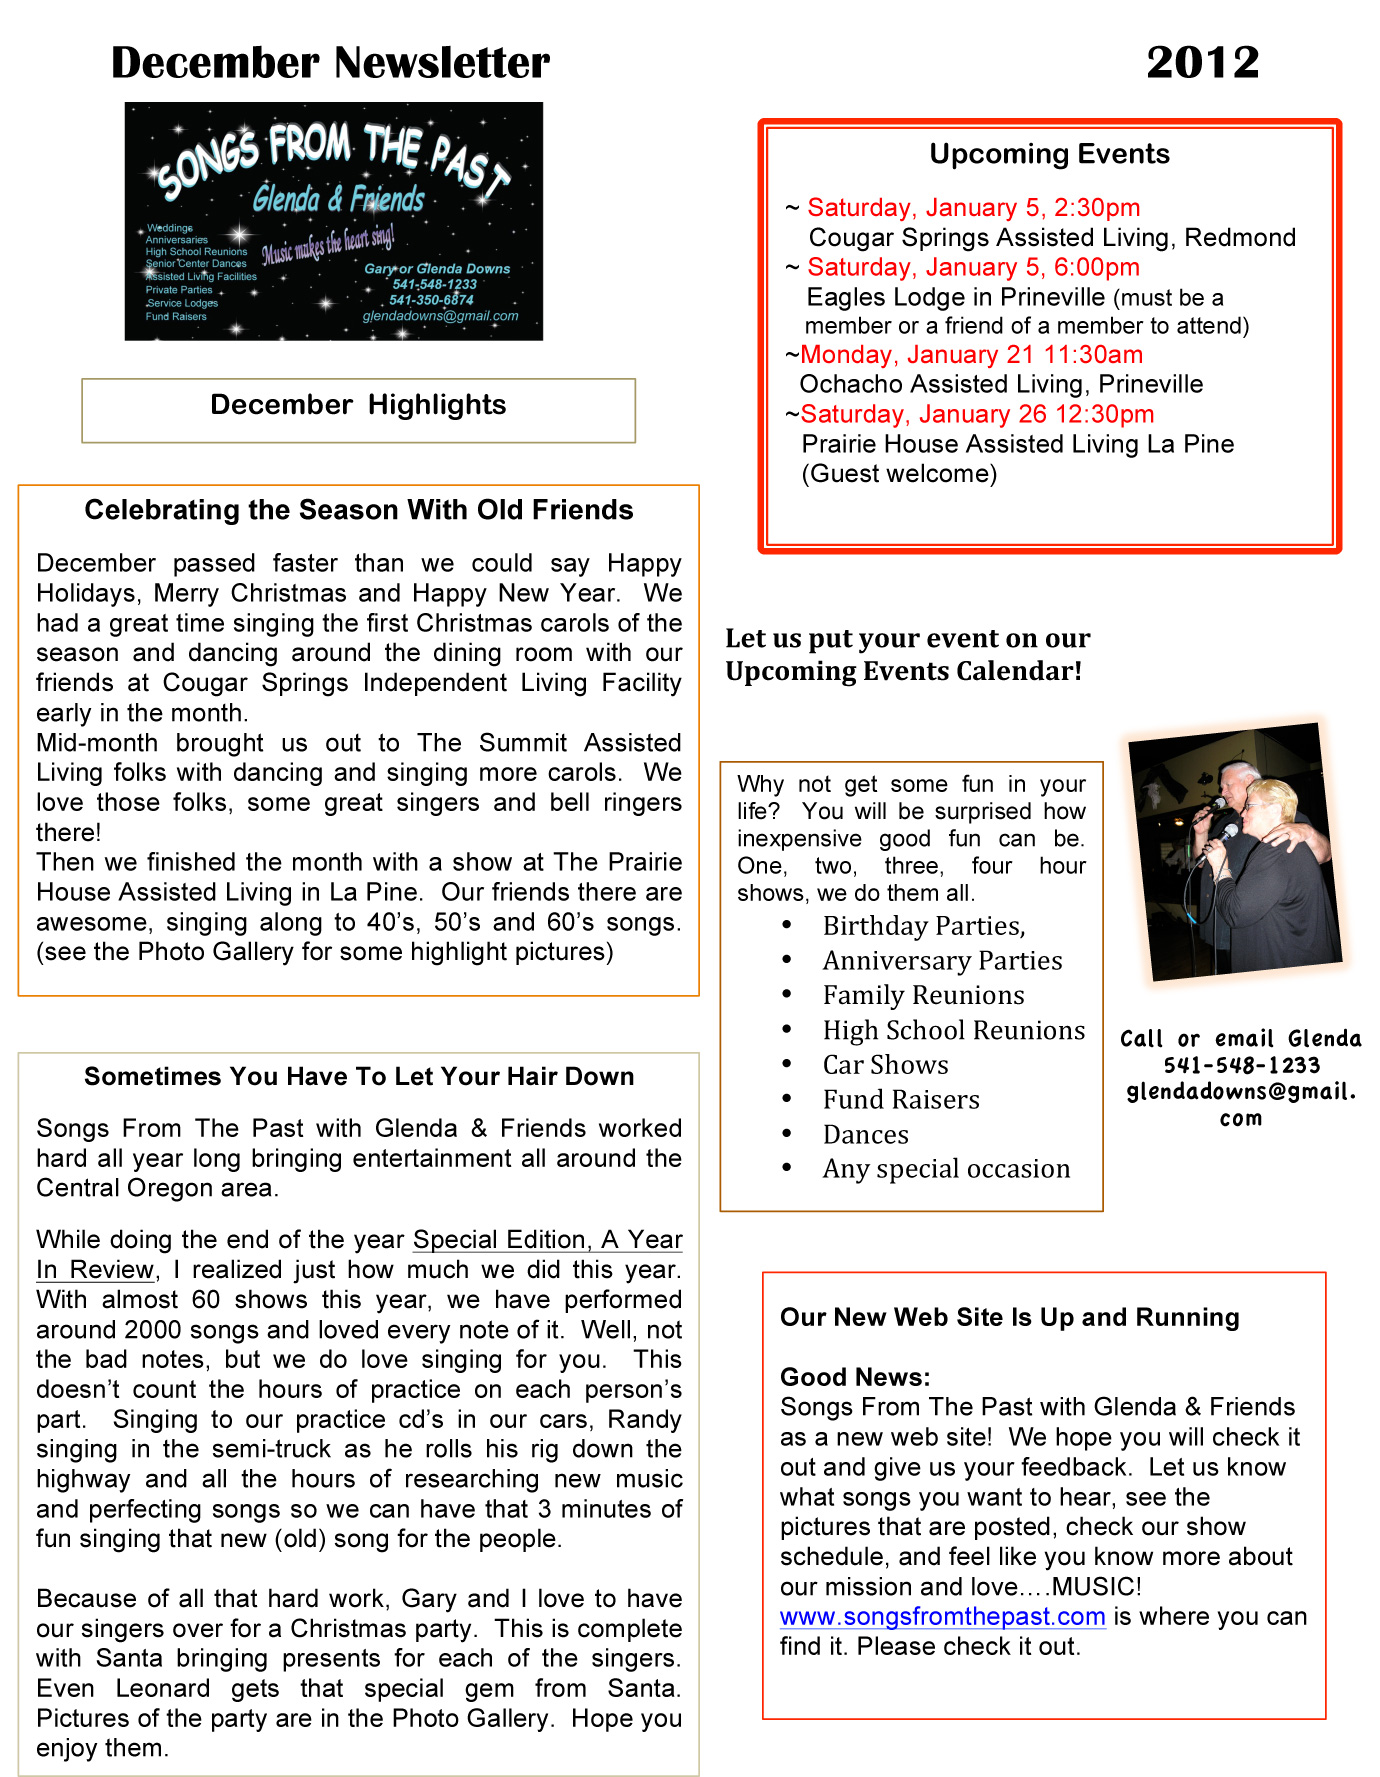 December-Newsletter-2012-1